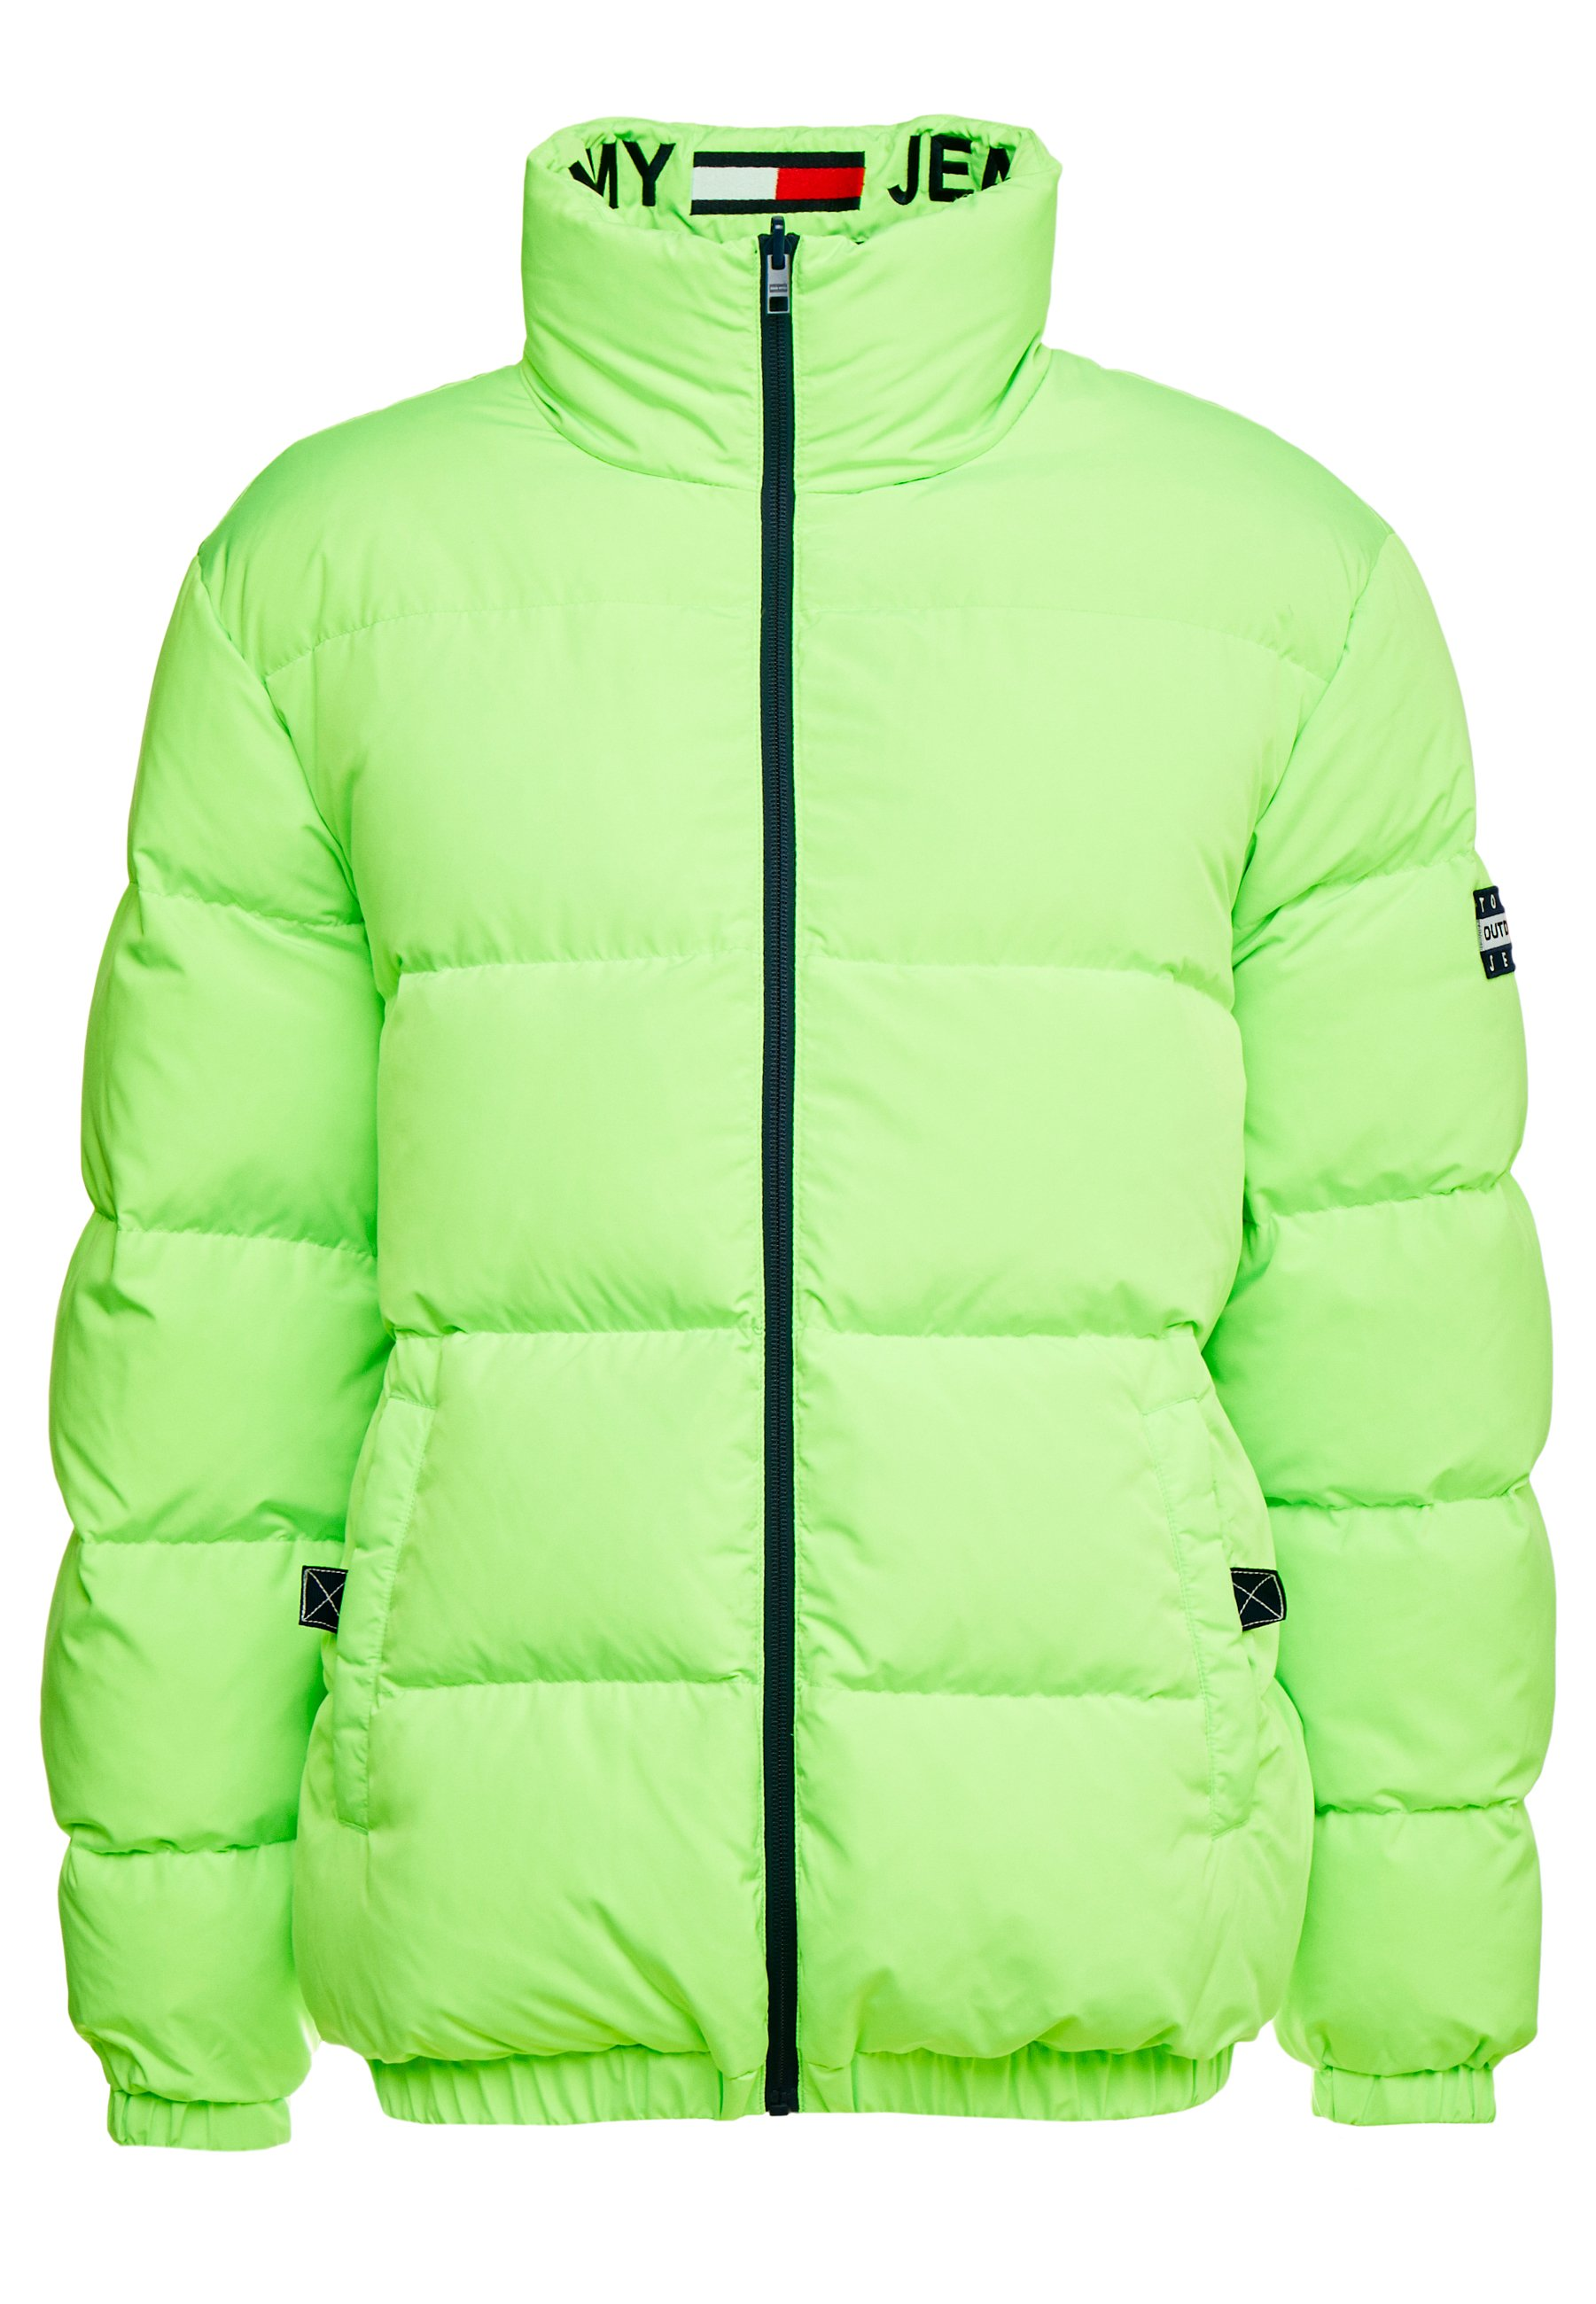 Tommy Jeans Reversible Jacket - Vinterjacka Black Iris